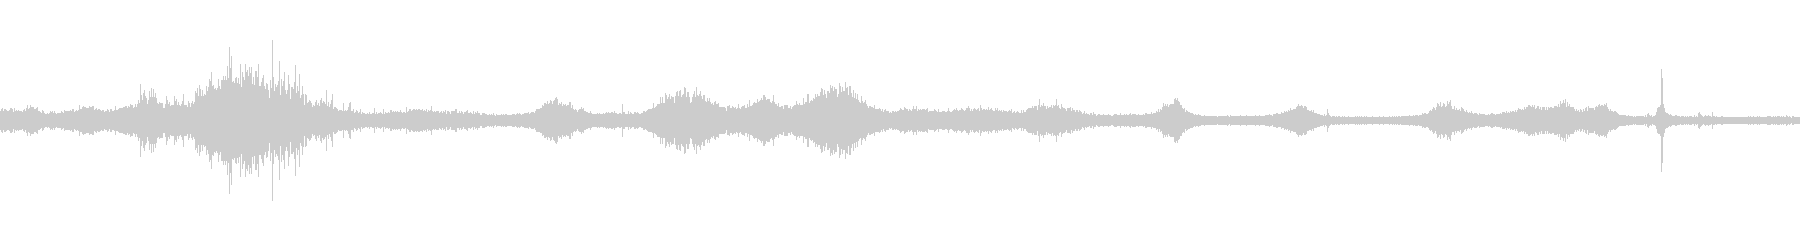 【生音】雷雨19 - 雨と雷と通行音の未再生の波形